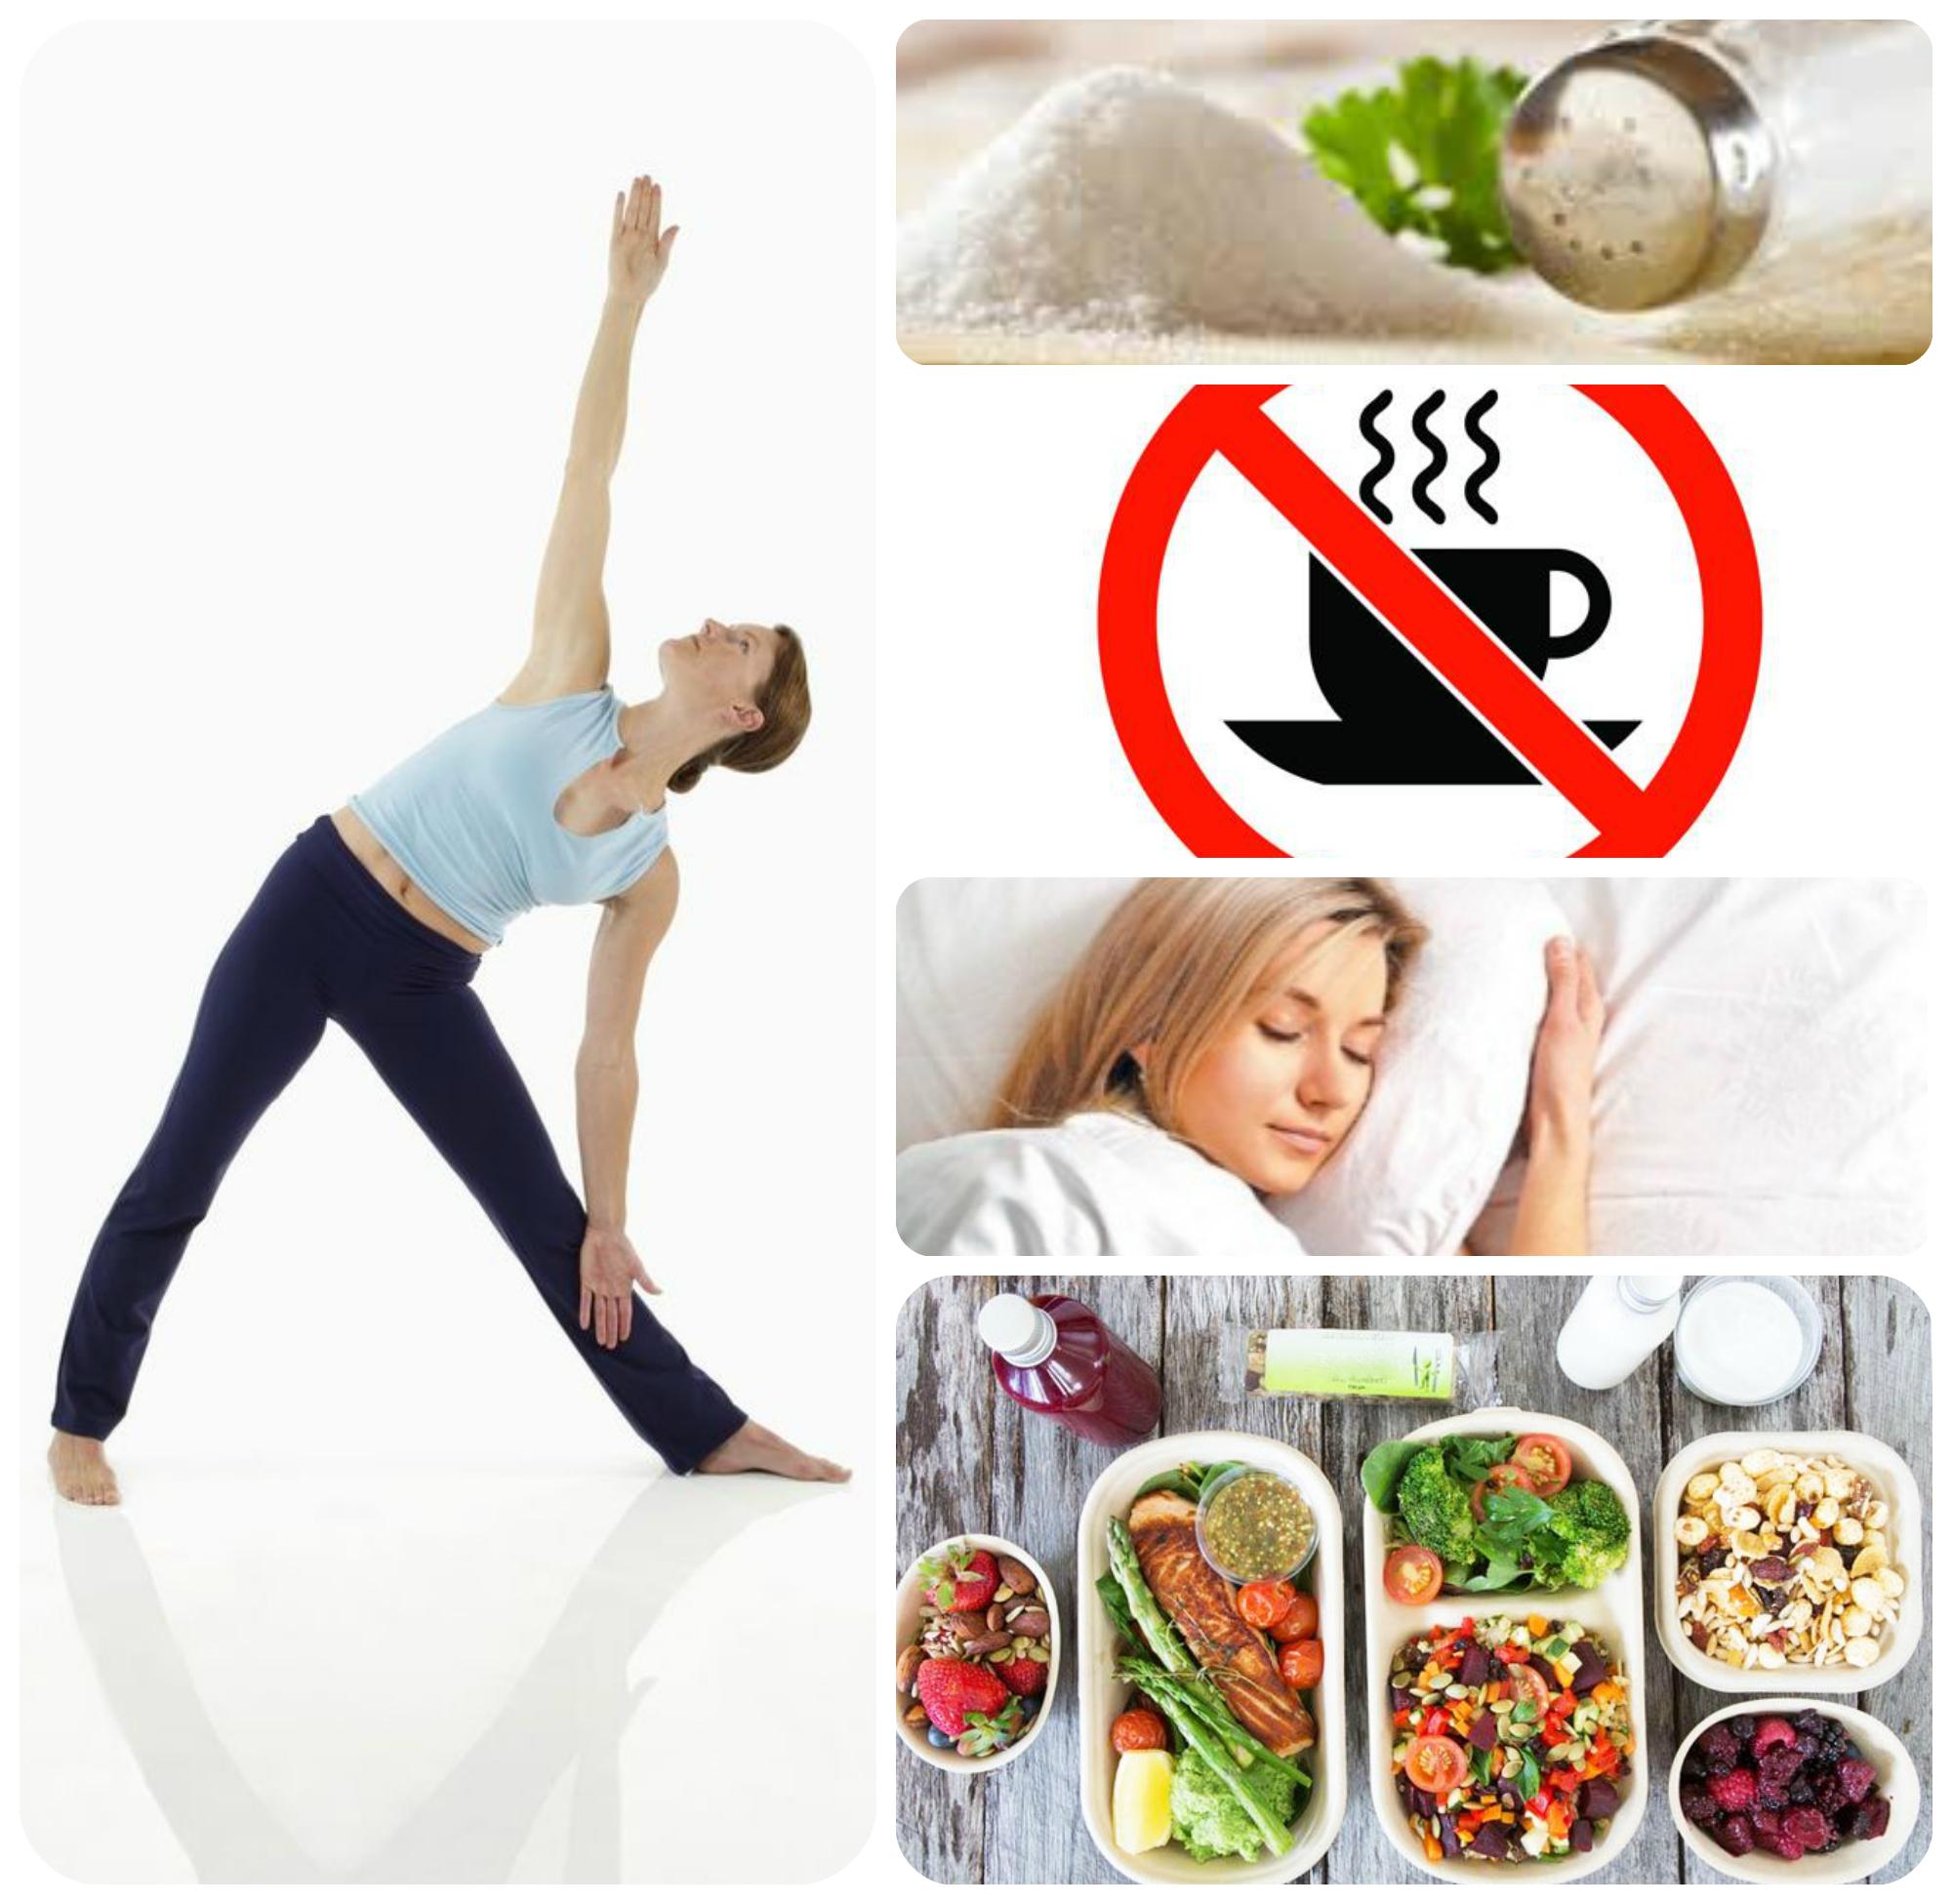 зарядка, уменьшить потребление соли,правильное питание, сон, отказ от кофя